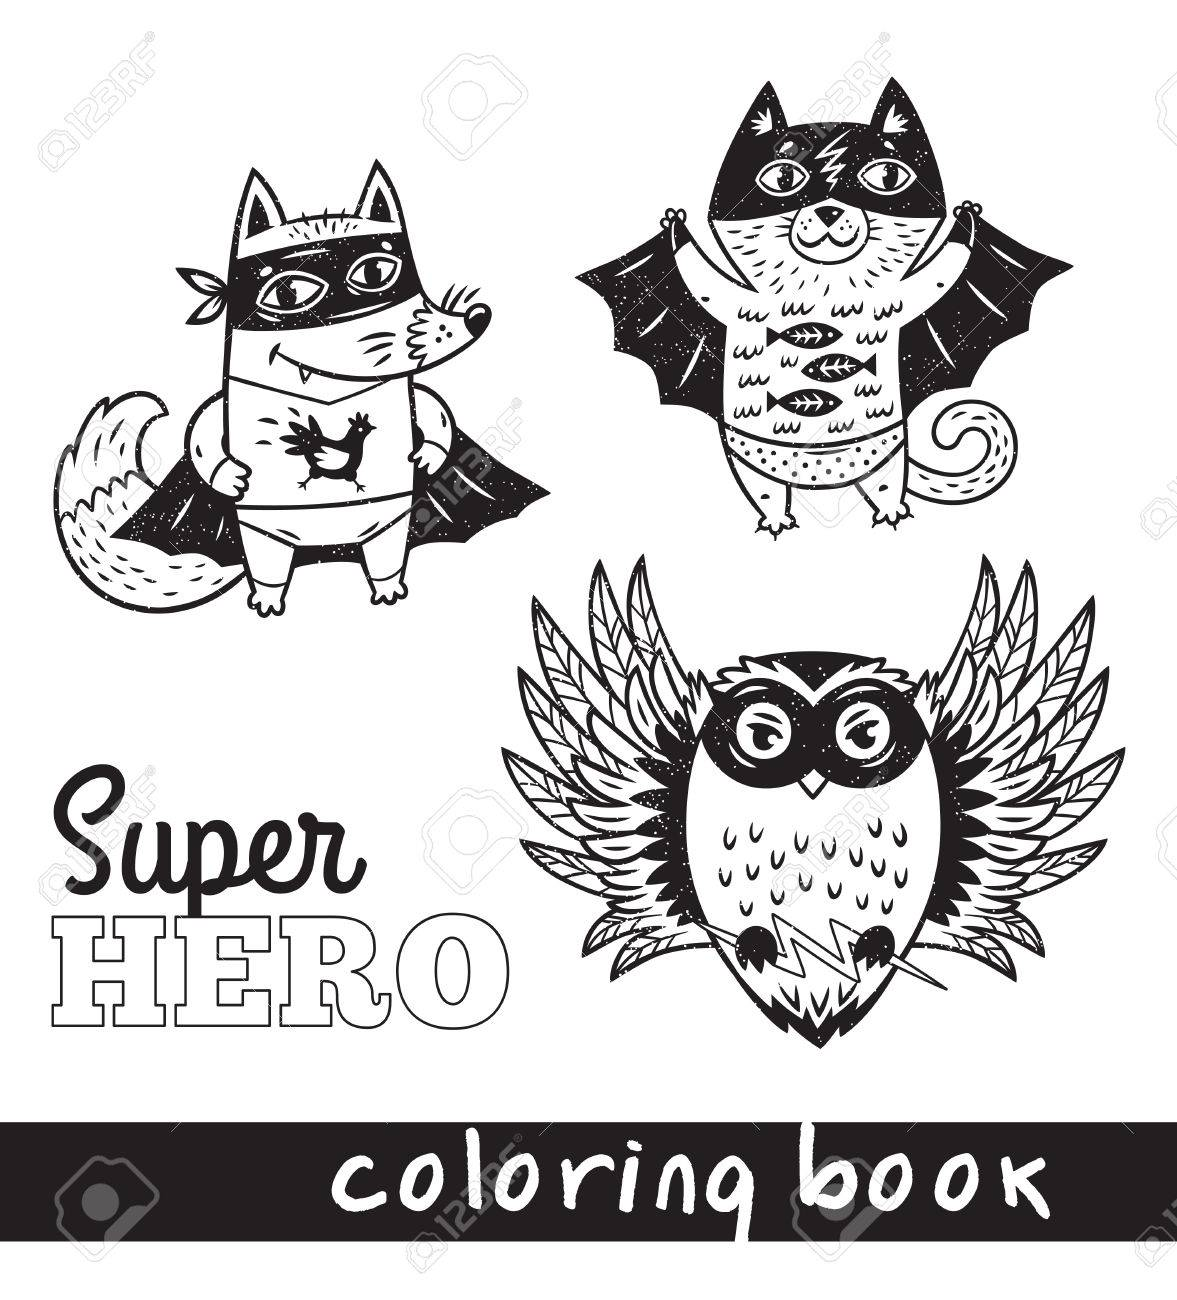 Schwarz-Weiß-Vektor-Illustration. Hand Gezeichnet Fuchs, Katze Und ...